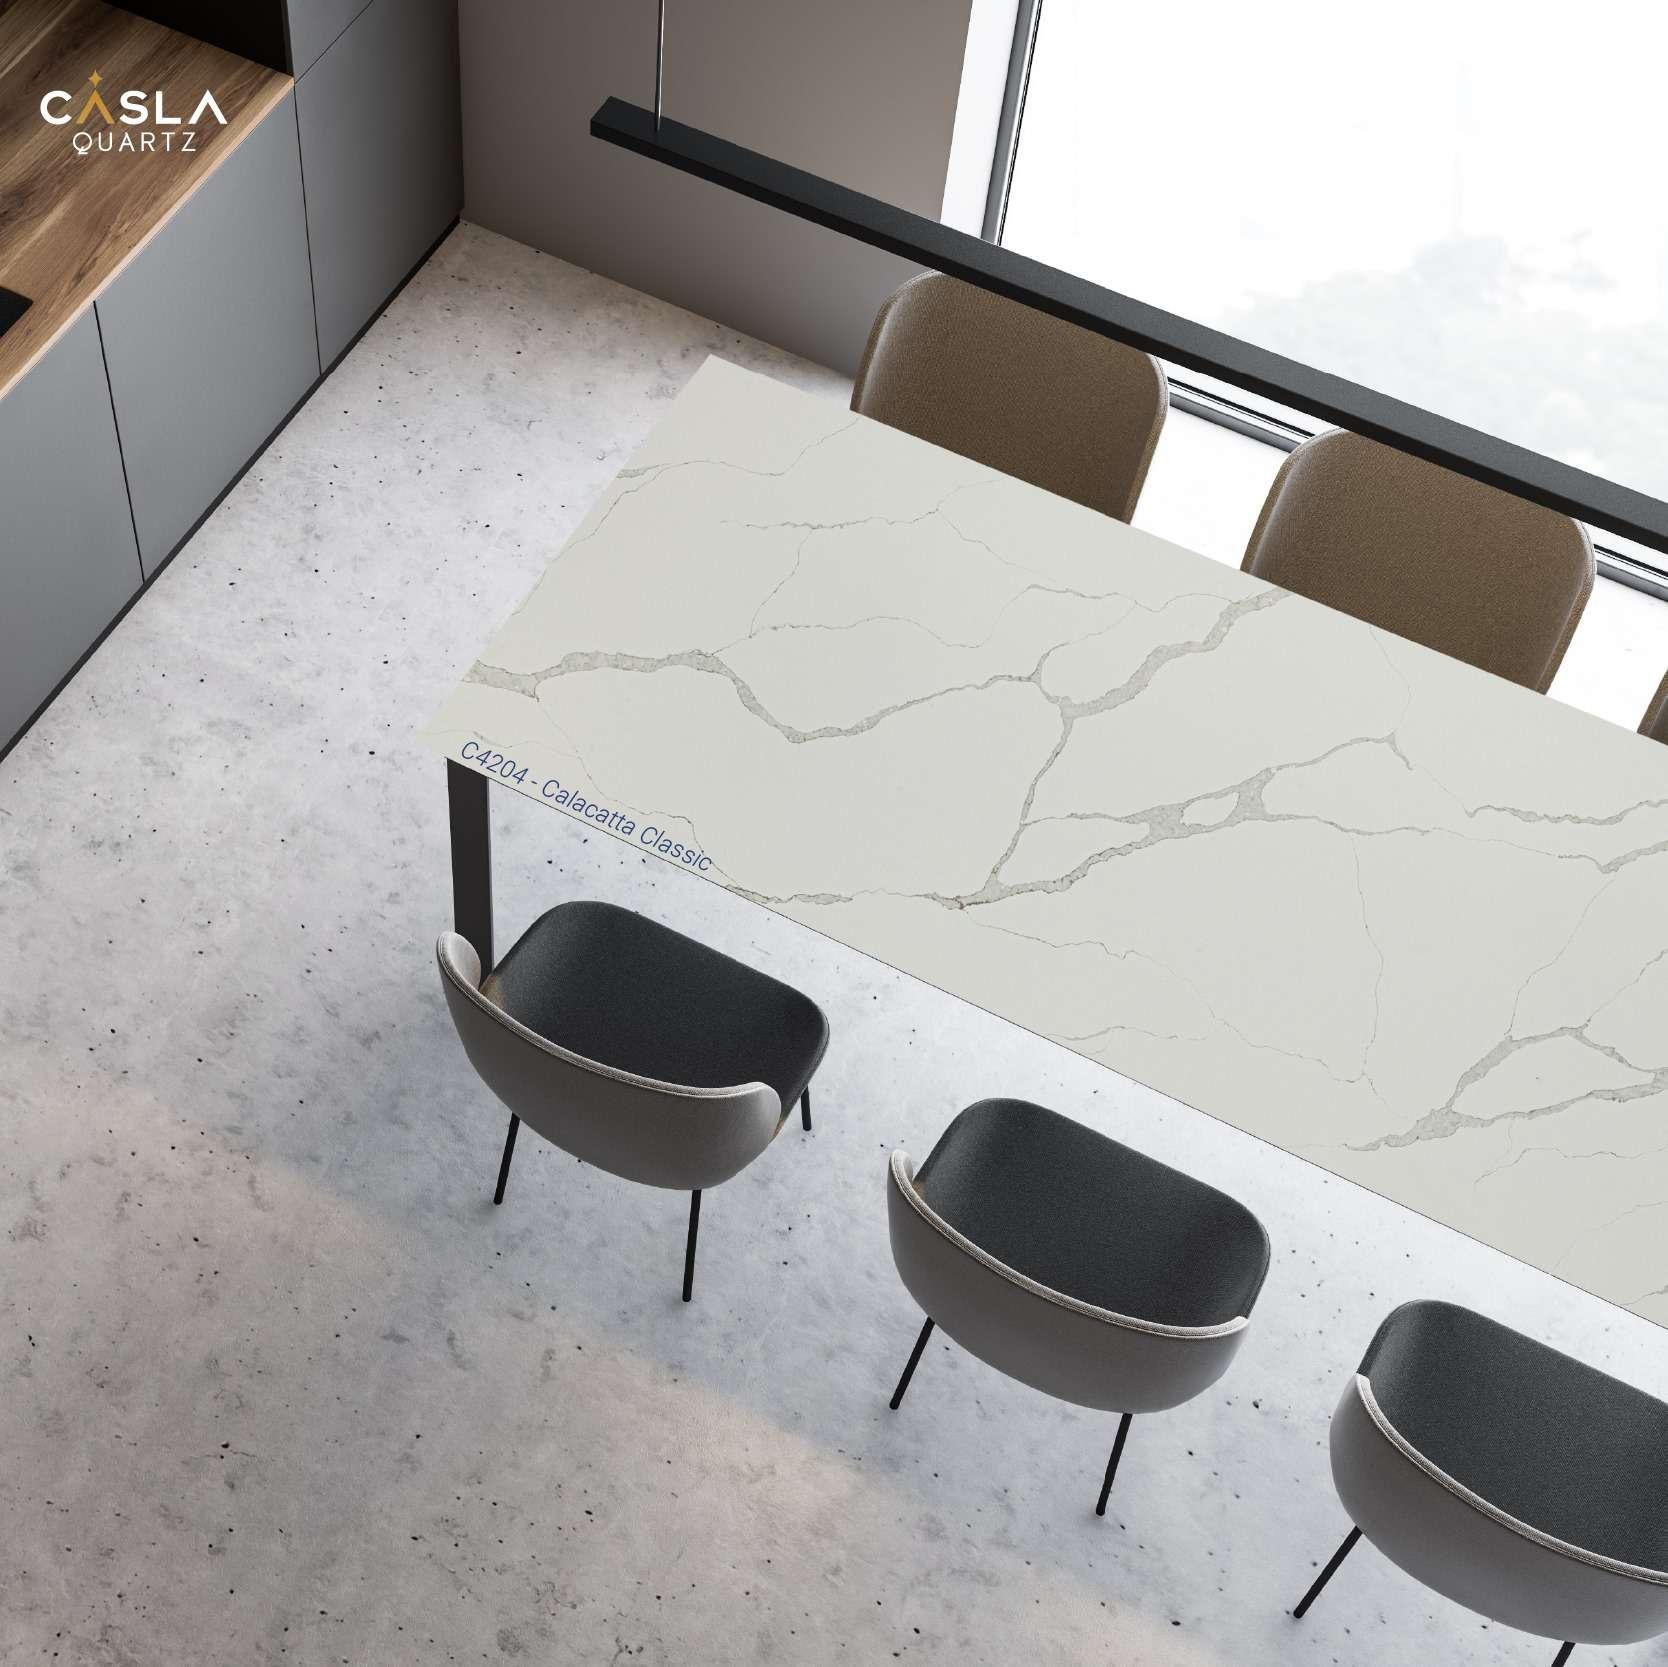 Mặt bàn phòng họp được làm từ đá Calacatta Classic